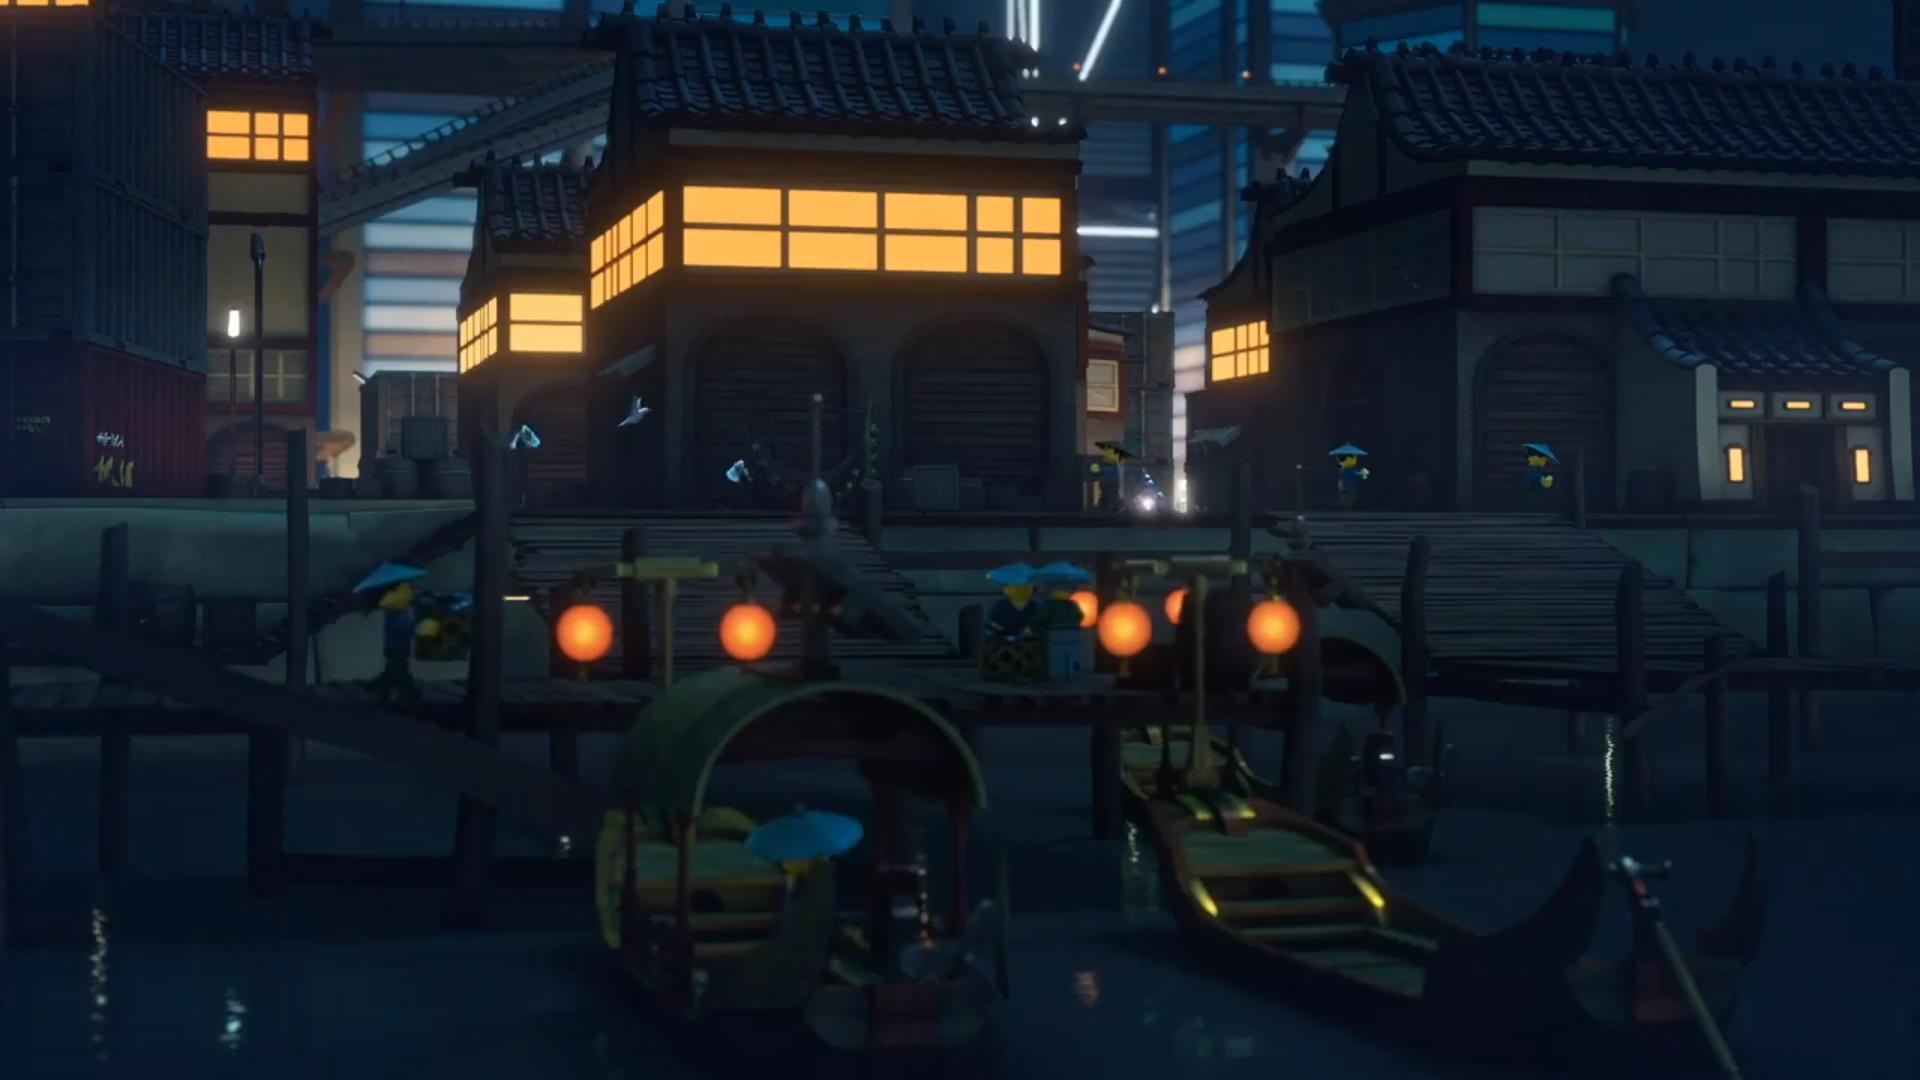 Ninjago Harbor